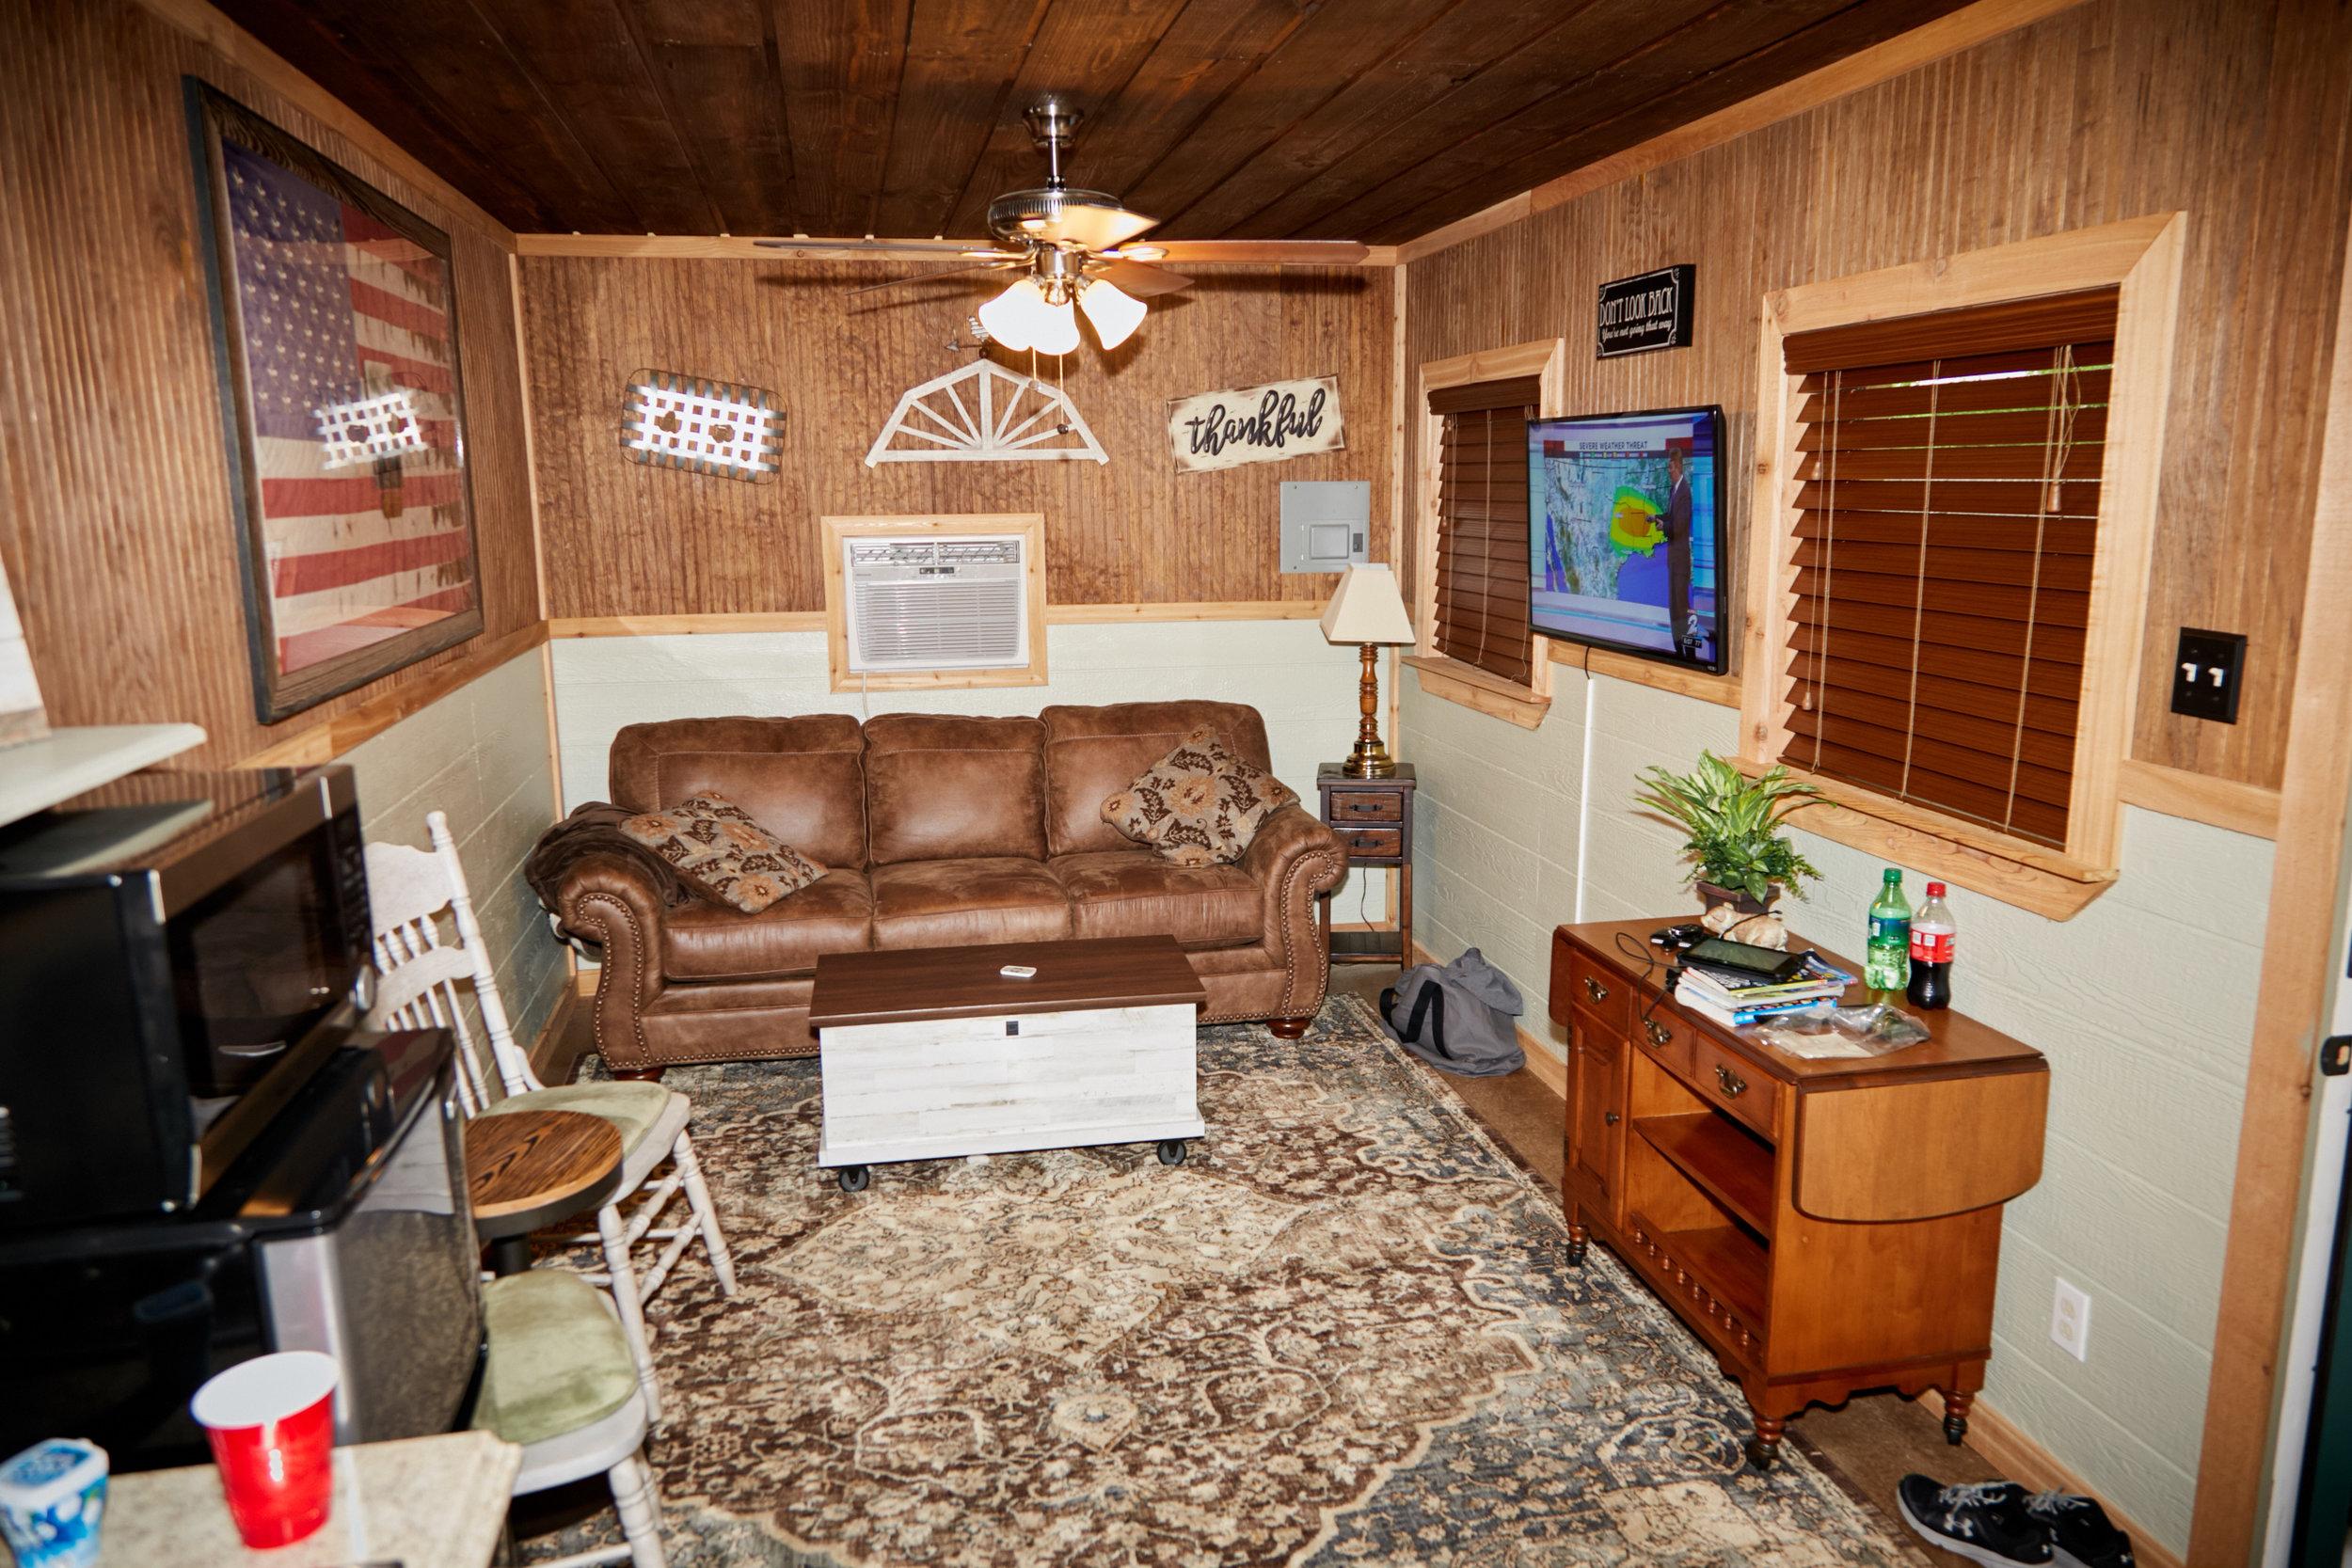 Groom's Cabin Rustic Wedding Venue